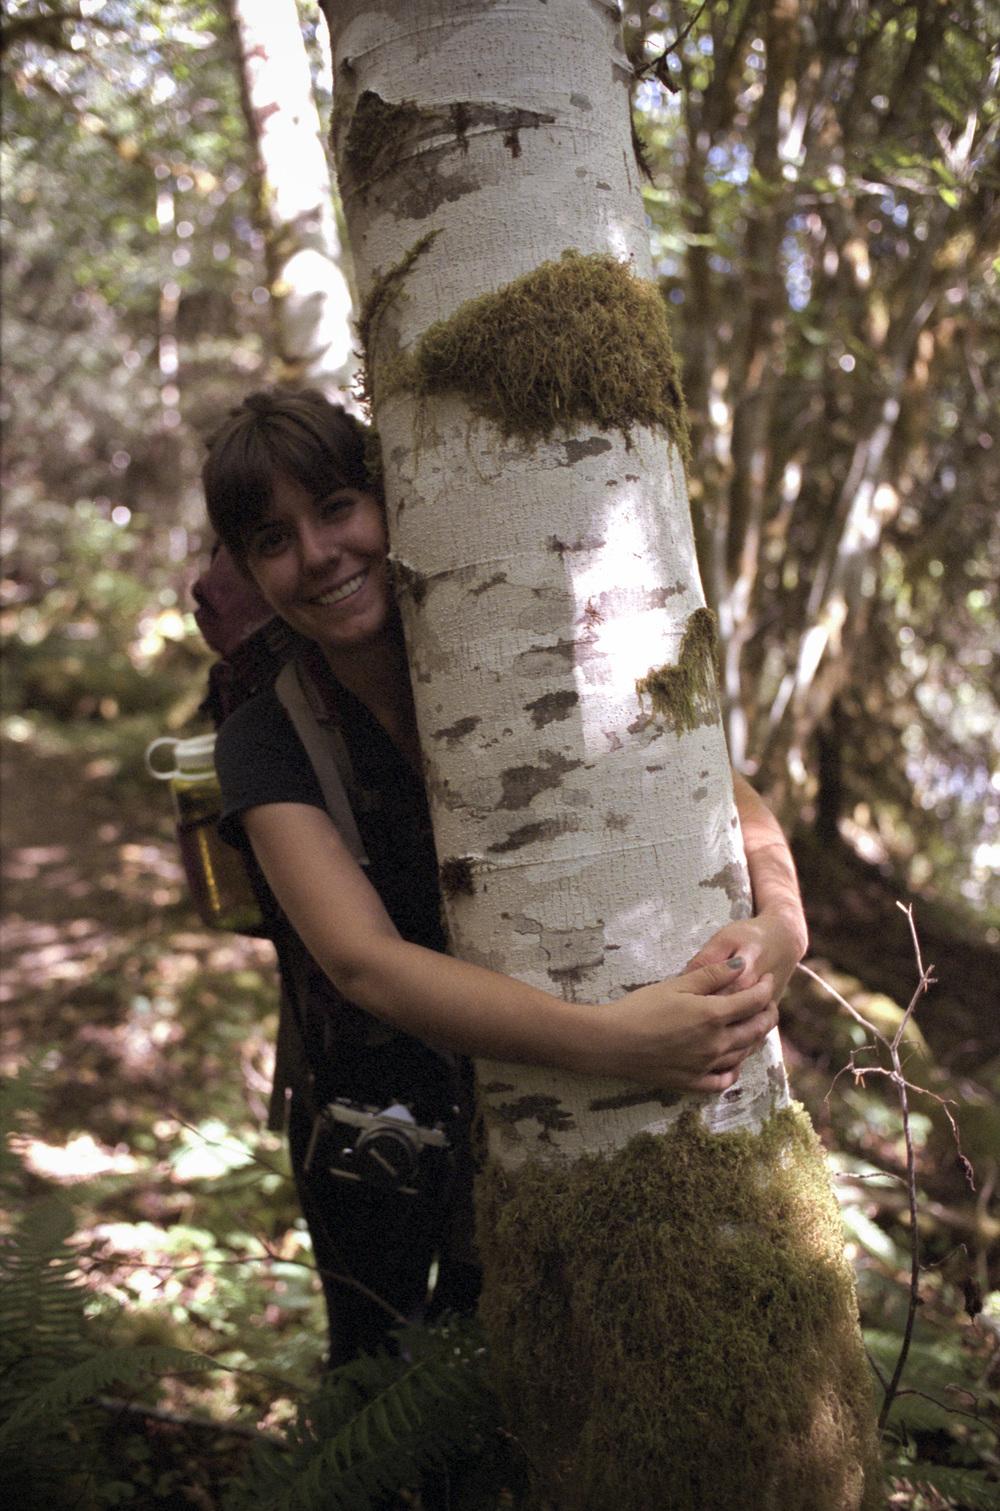 Birch Hug